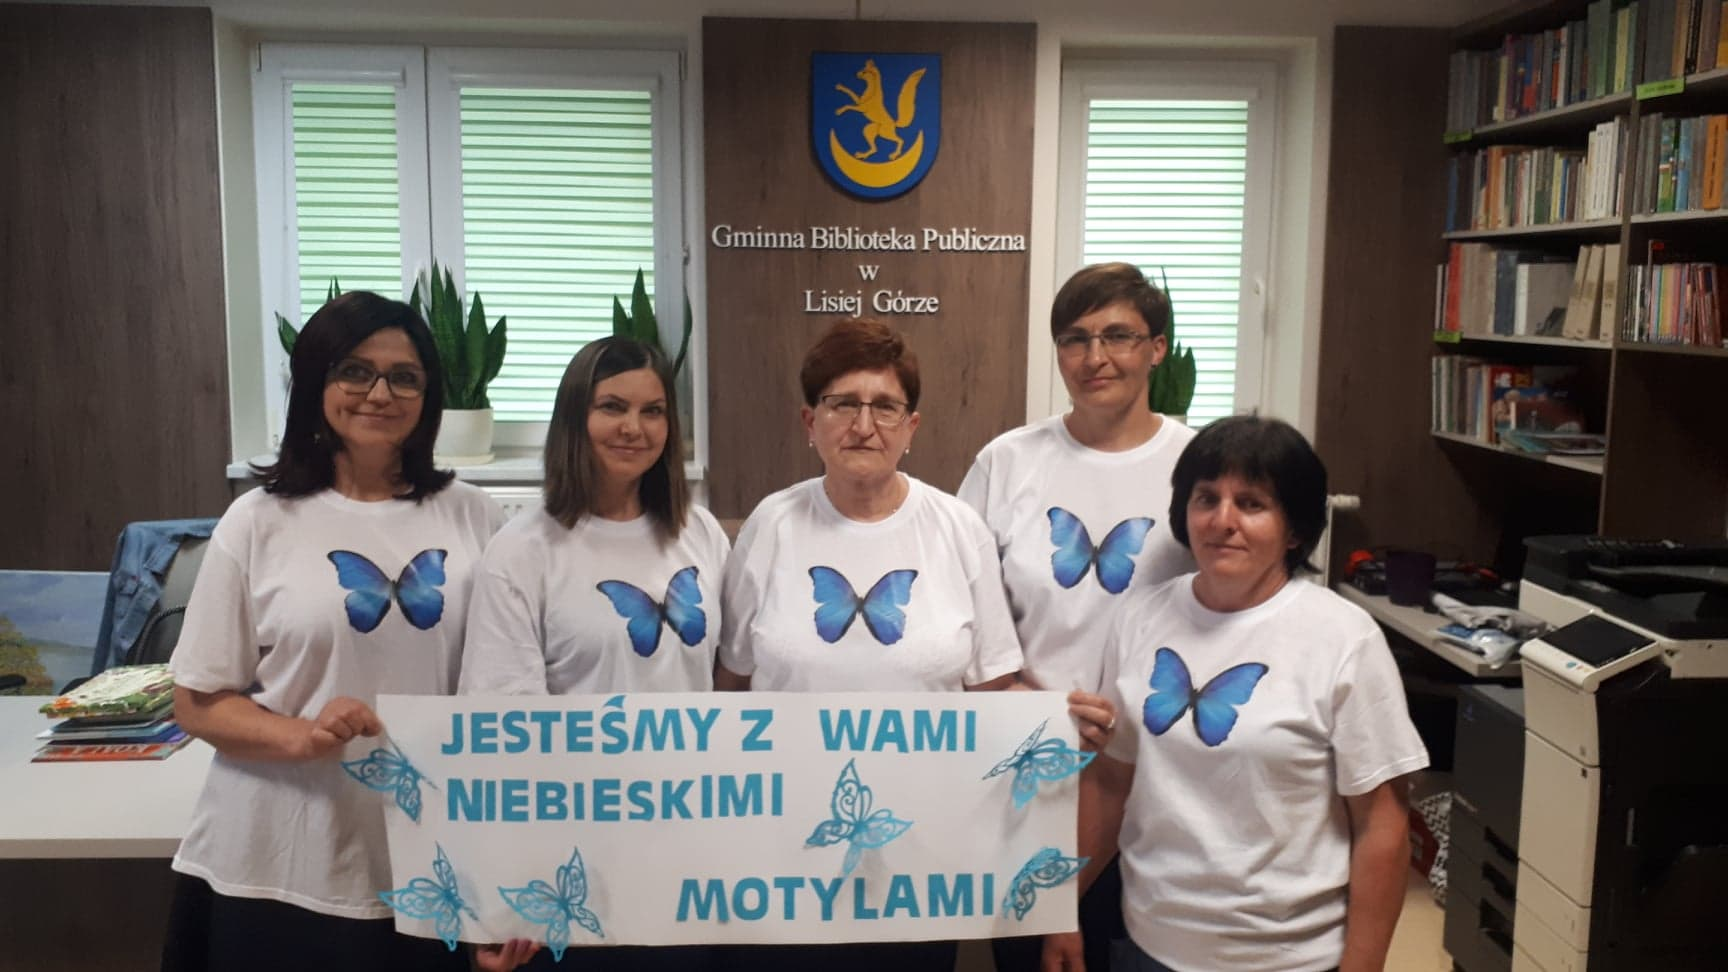 """osoby w białych koszulkaxh z nadrukowanych na nich niebieskimi motylami, trzymające napis """"jesteśmy z wami niebieskimi motylami"""